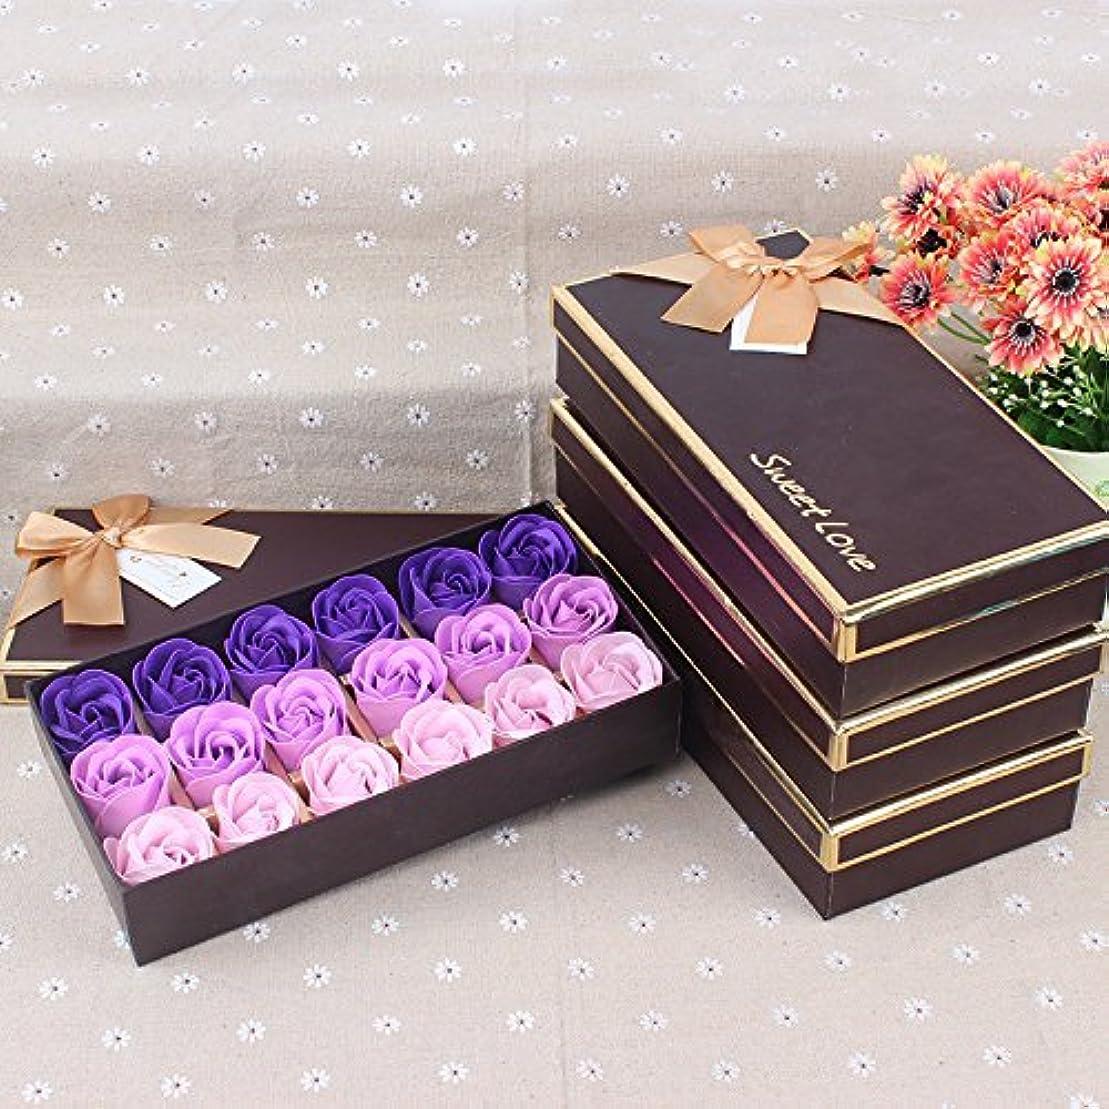 チップ任命哀れなWeryn(TM)結婚式のためのギフトボックスバレンタインデーの愛の贈り物で18バラセット香りの入浴ソープローズソープ花びら[Purplegradient]